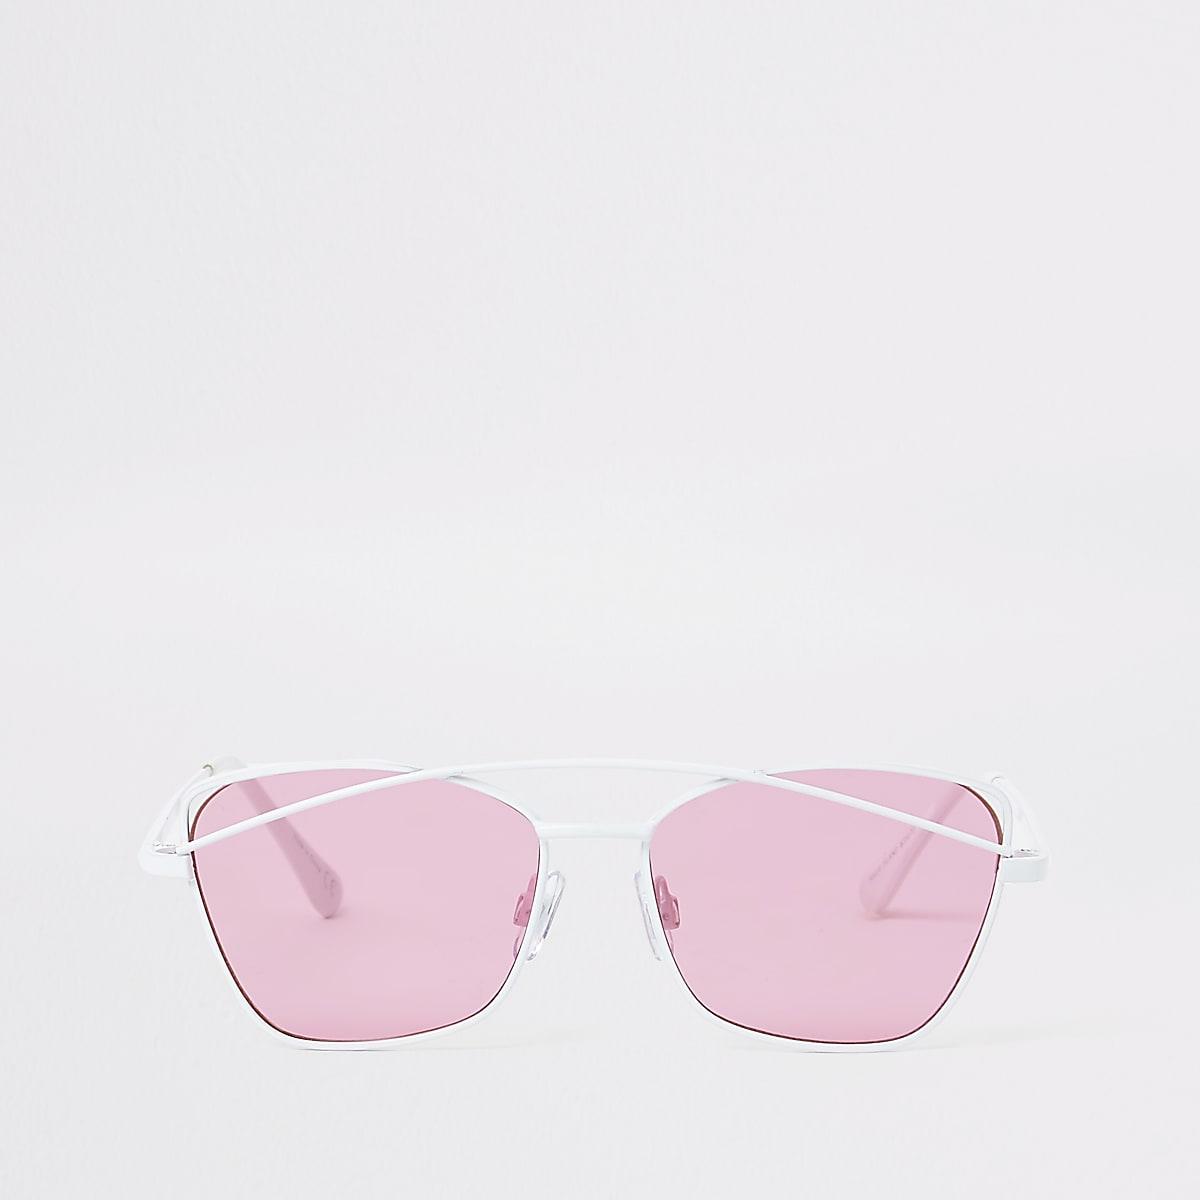 Lunettes de soleil blanches à verres roses pour fille